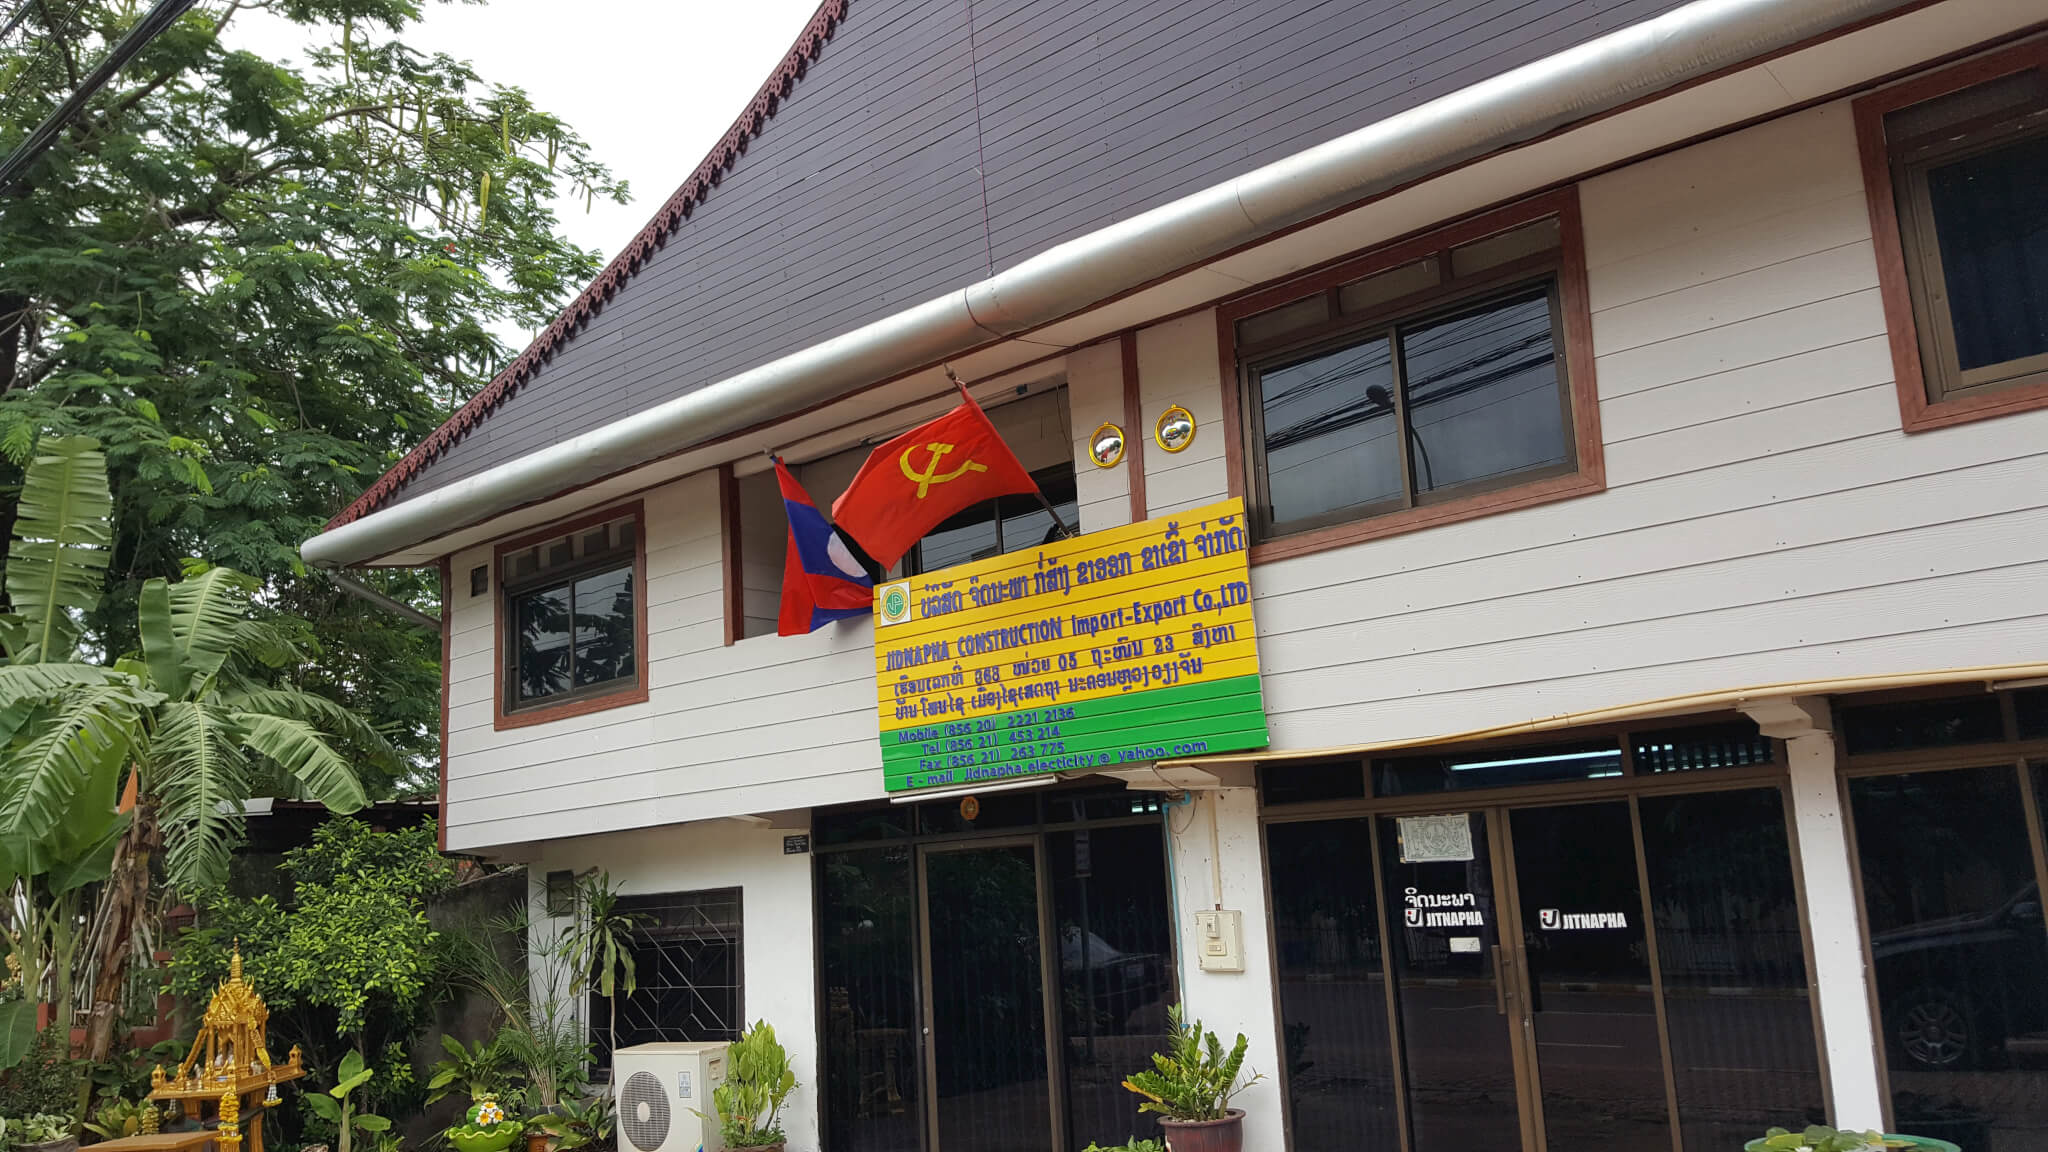 5 флаг лаоса социализм Поездка за визой из Бангкока во Вьентьян самостоятельно. Бангкок визаран.